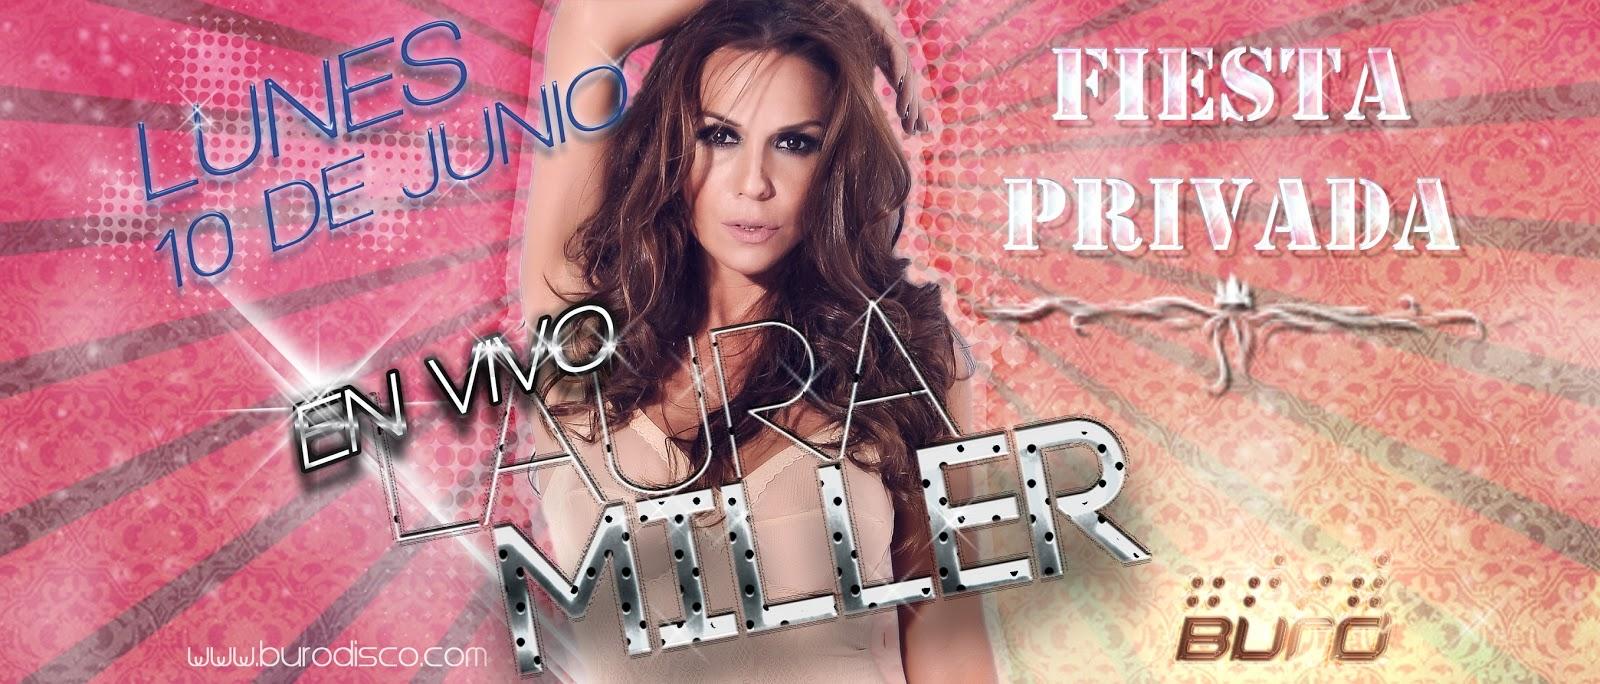 Laura miller blog oficial pr ximo show en vivo bur disco for Buro quilmes